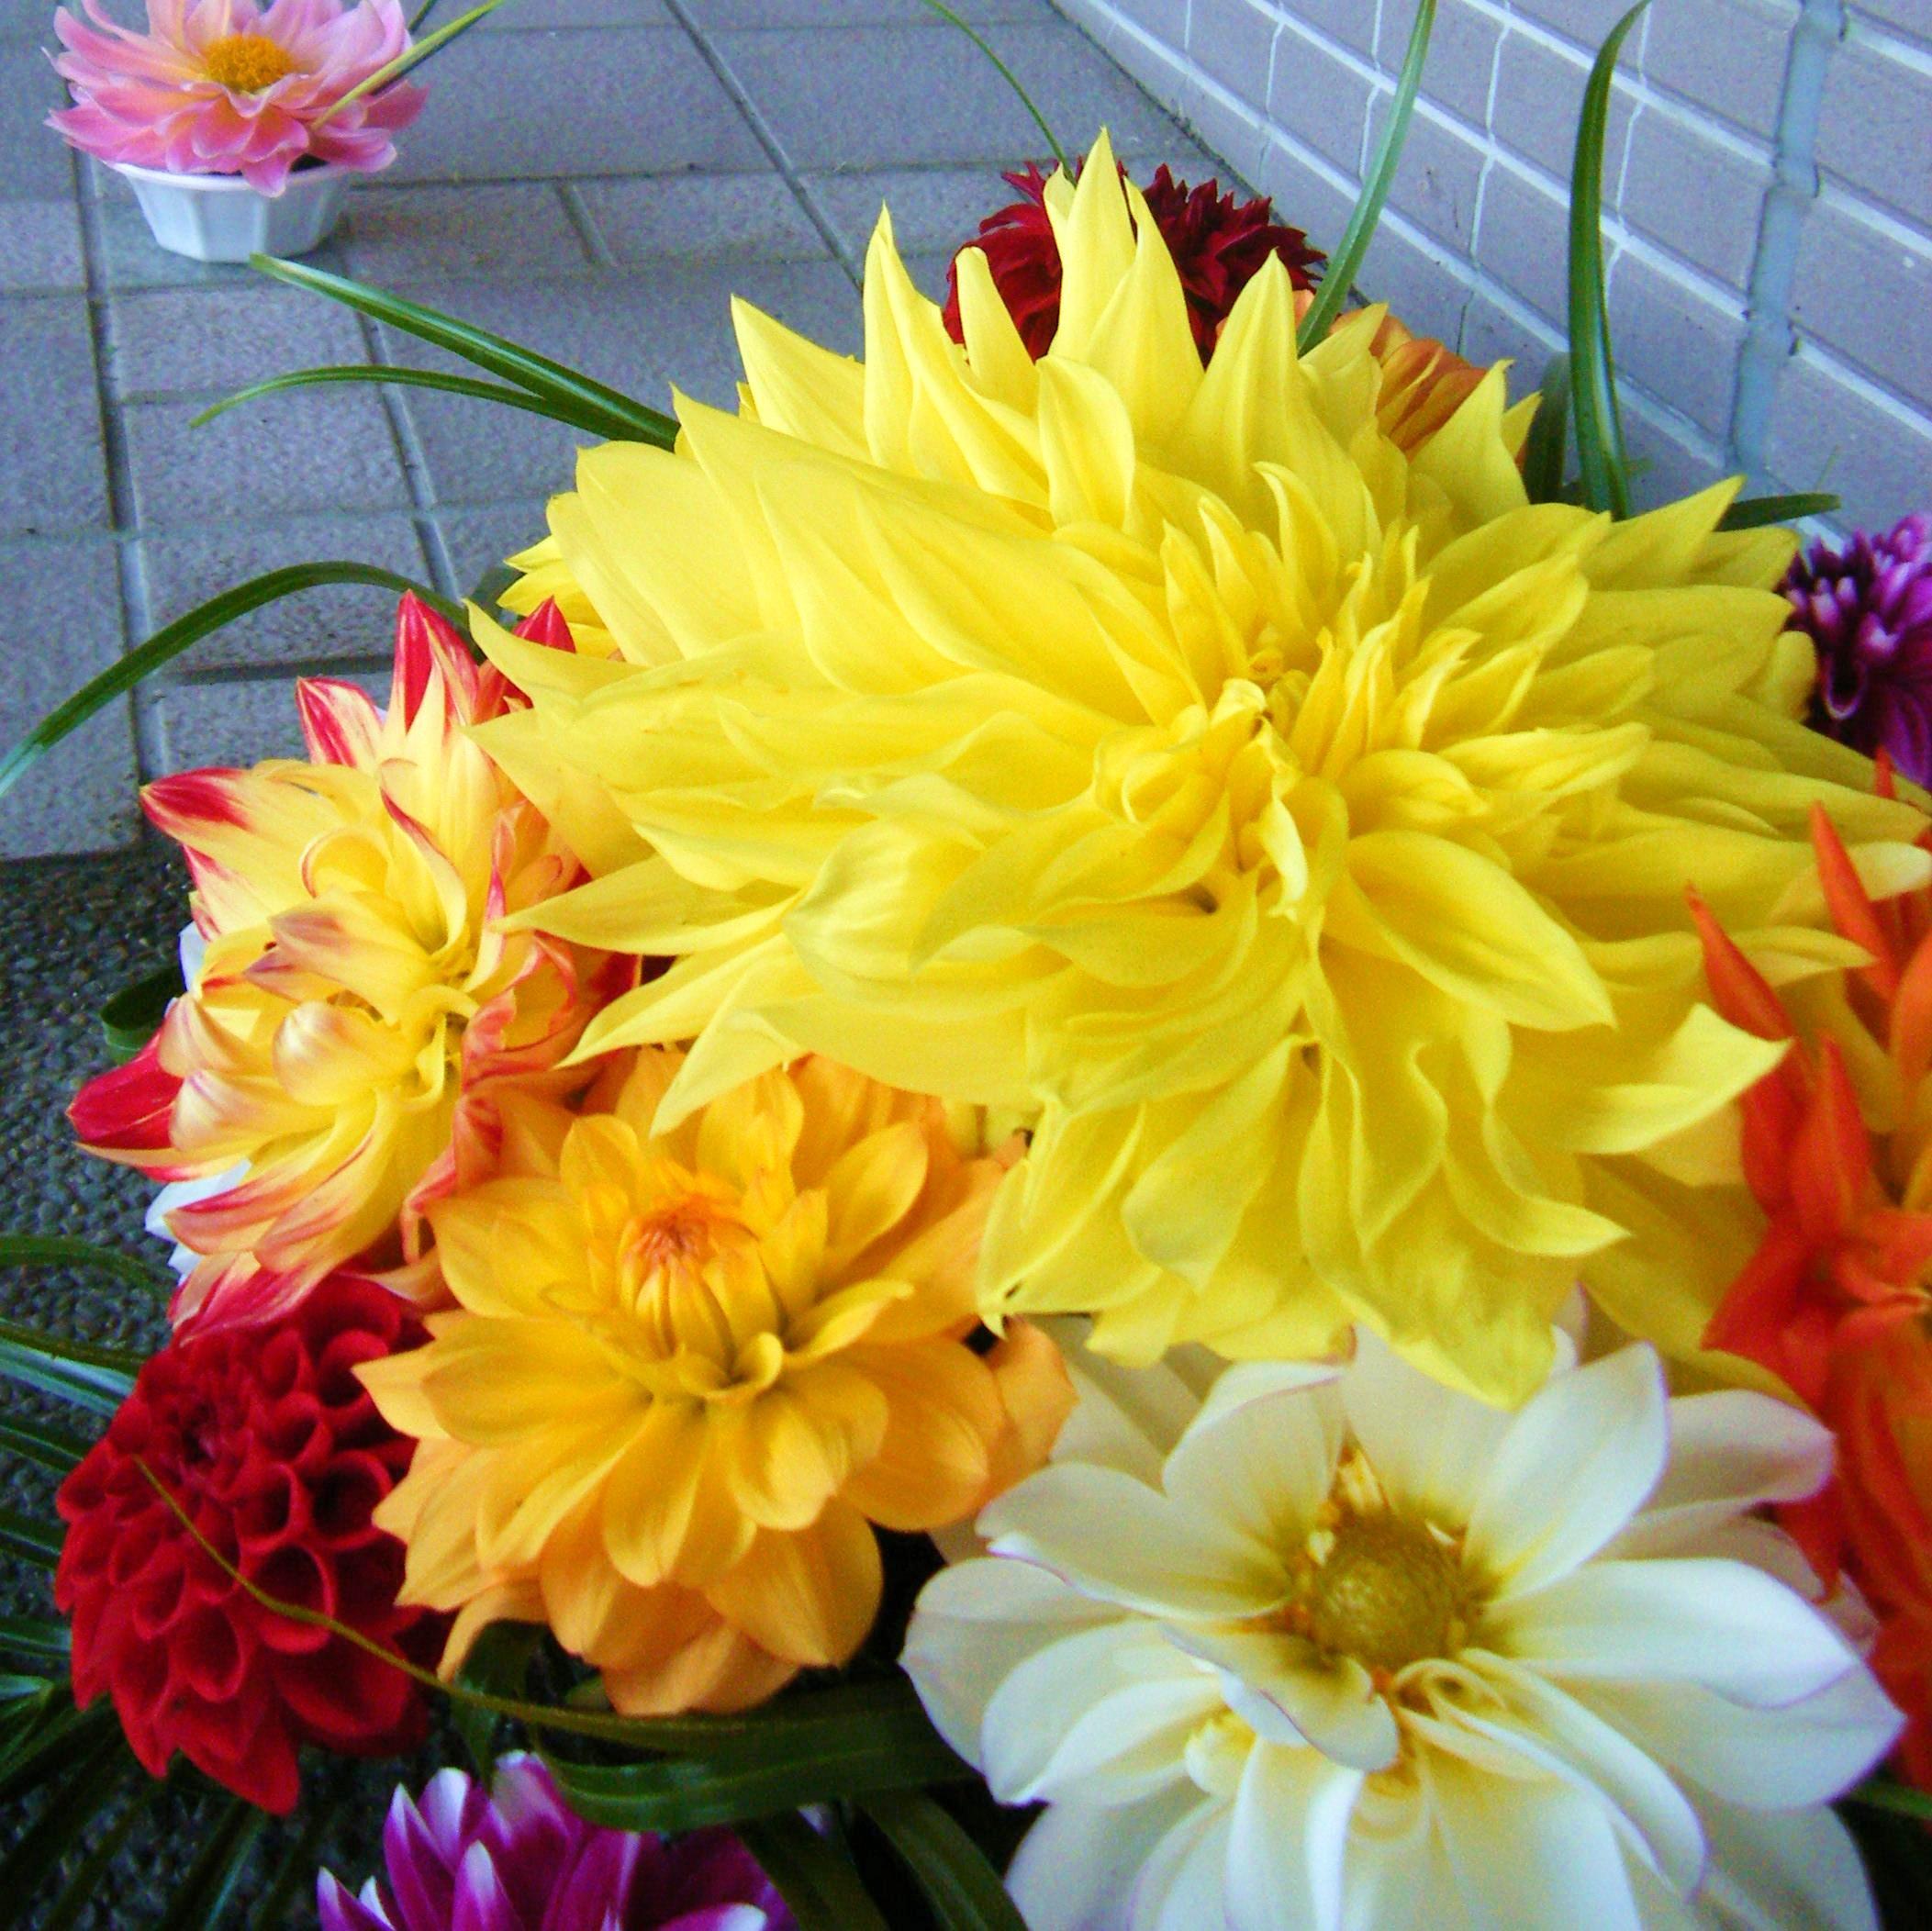 【川西ダリヤ園】敬老の日にダリヤの花を贈ろう!